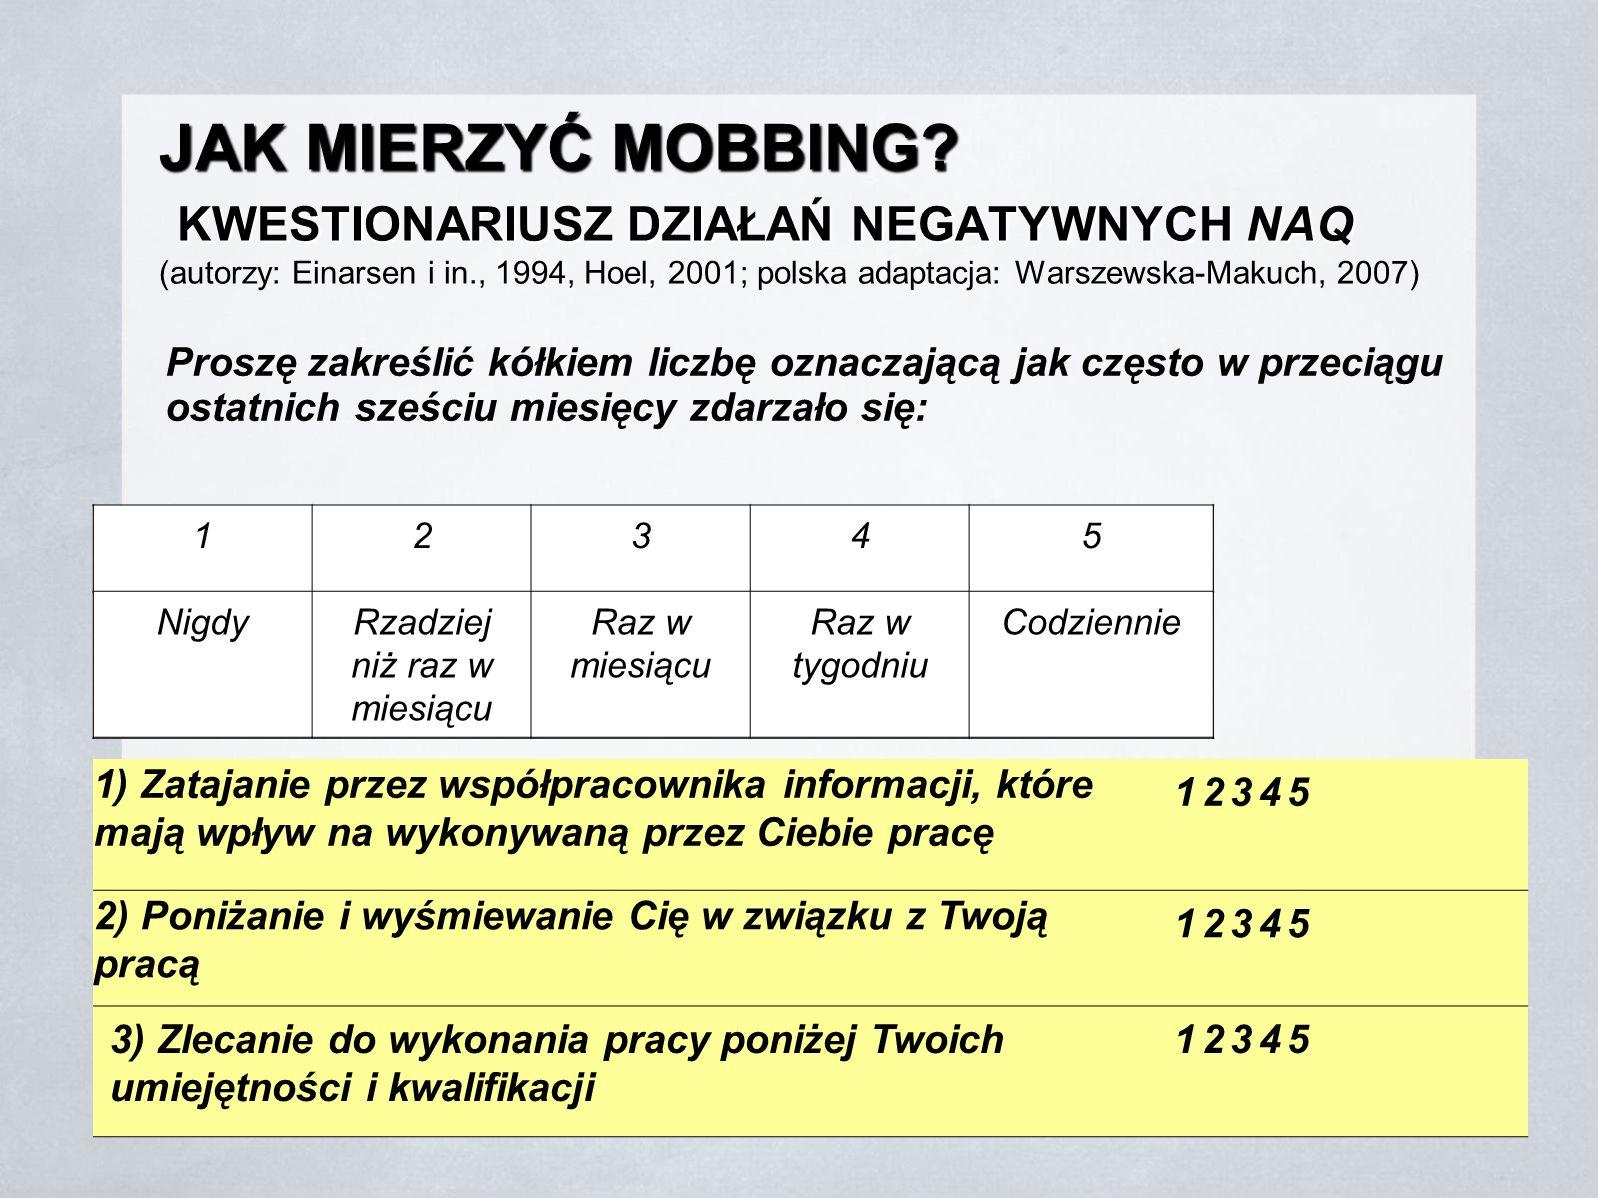 JAK MIERZYĆ MOBBING? KWESTIONARIUSZ DZIAŁAŃ NEGATYWNYCH NAQ JAK MIERZYĆ MOBBING? KWESTIONARIUSZ DZIAŁAŃ NEGATYWNYCH NAQ (autorzy: Einarsen i in., 1994